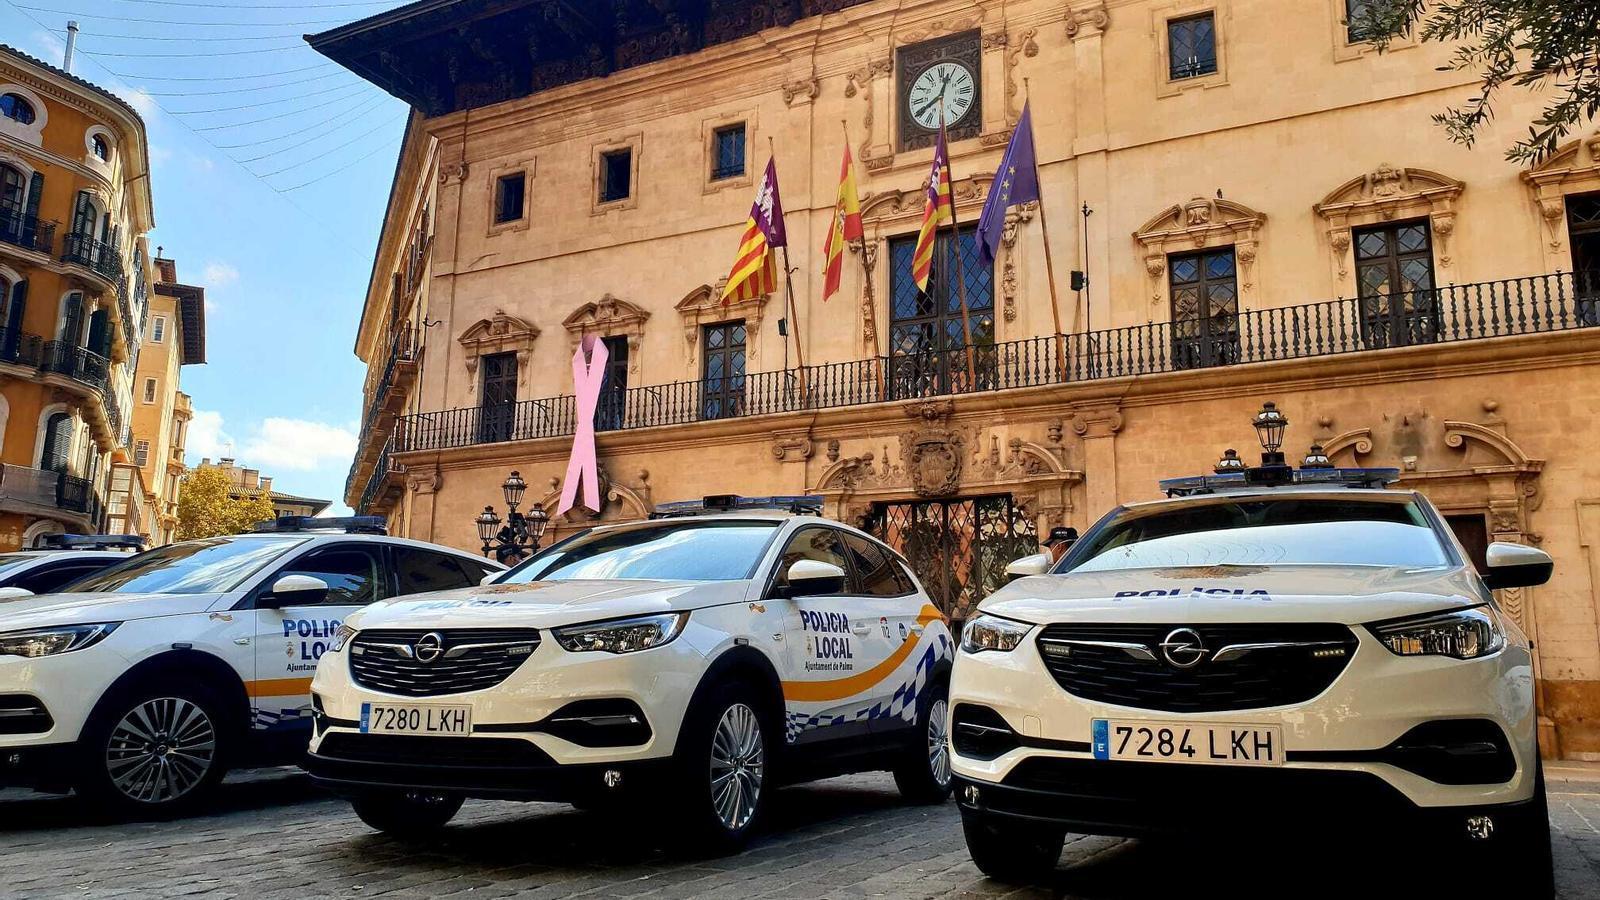 Els nous cotxes patrulla de l'Ajuntament de Palma